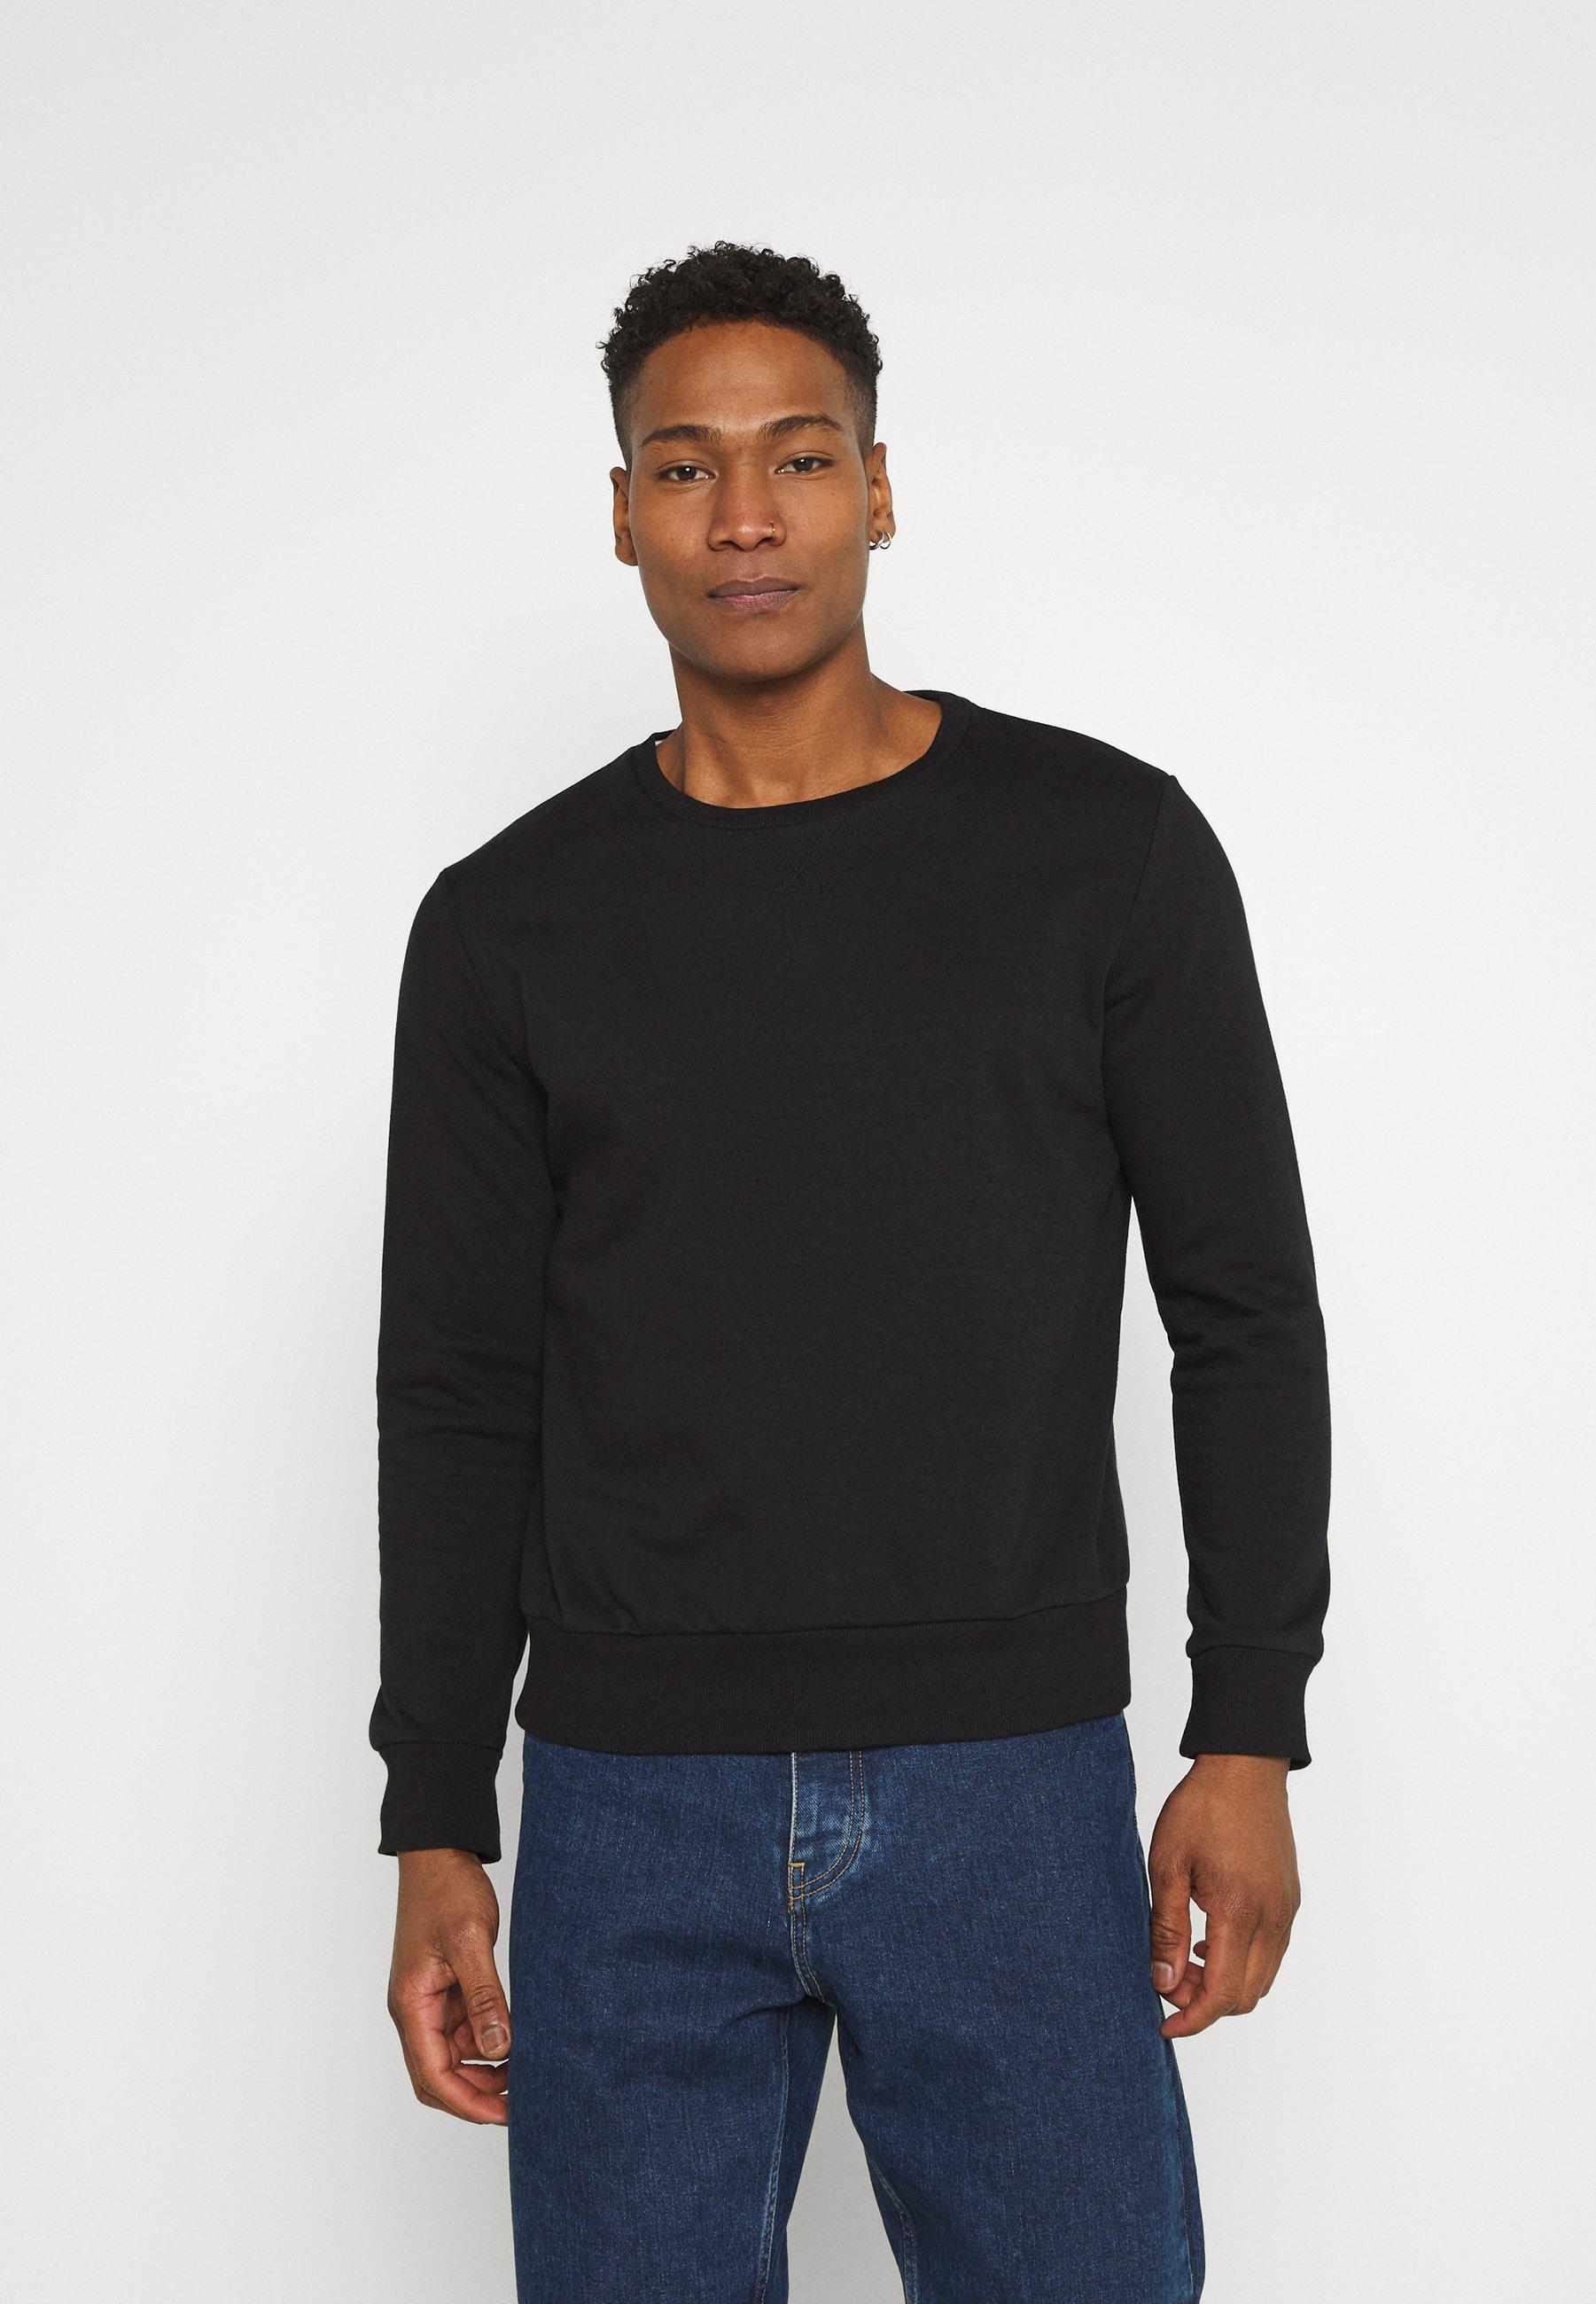 Men JONES - Sweatshirt - jet black/charcoal